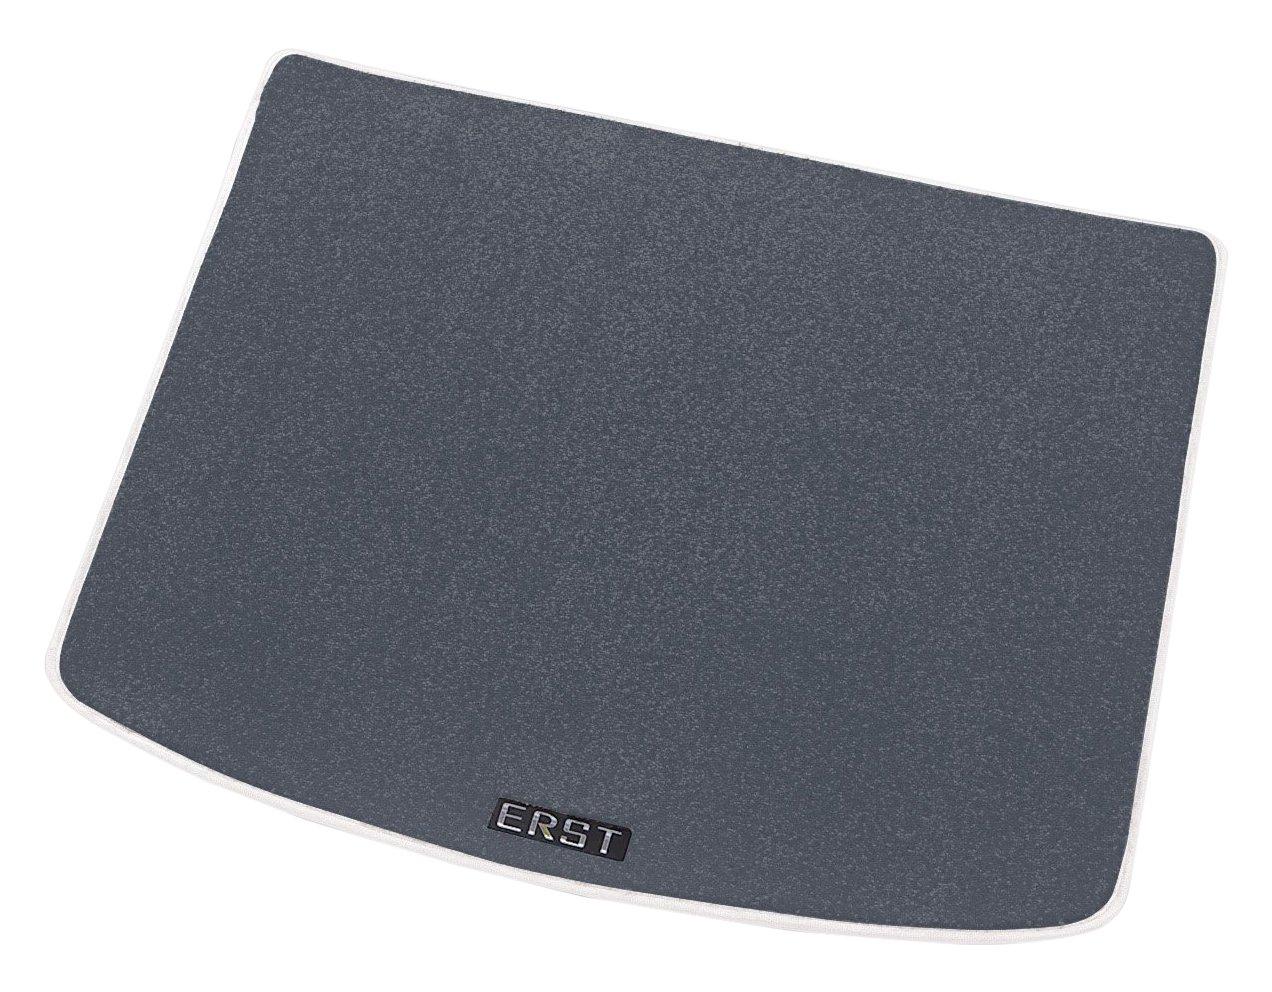 ボルボ専用ERST(エアスト)V40(MB)カスタムフロアマット(ラゲッジ) マット本体カラー:グレー/マットエッジ:ホワイト GW B0105SP0BU マット:グレー/エッジ:ホワイト マット:グレー/エッジ:ホワイト